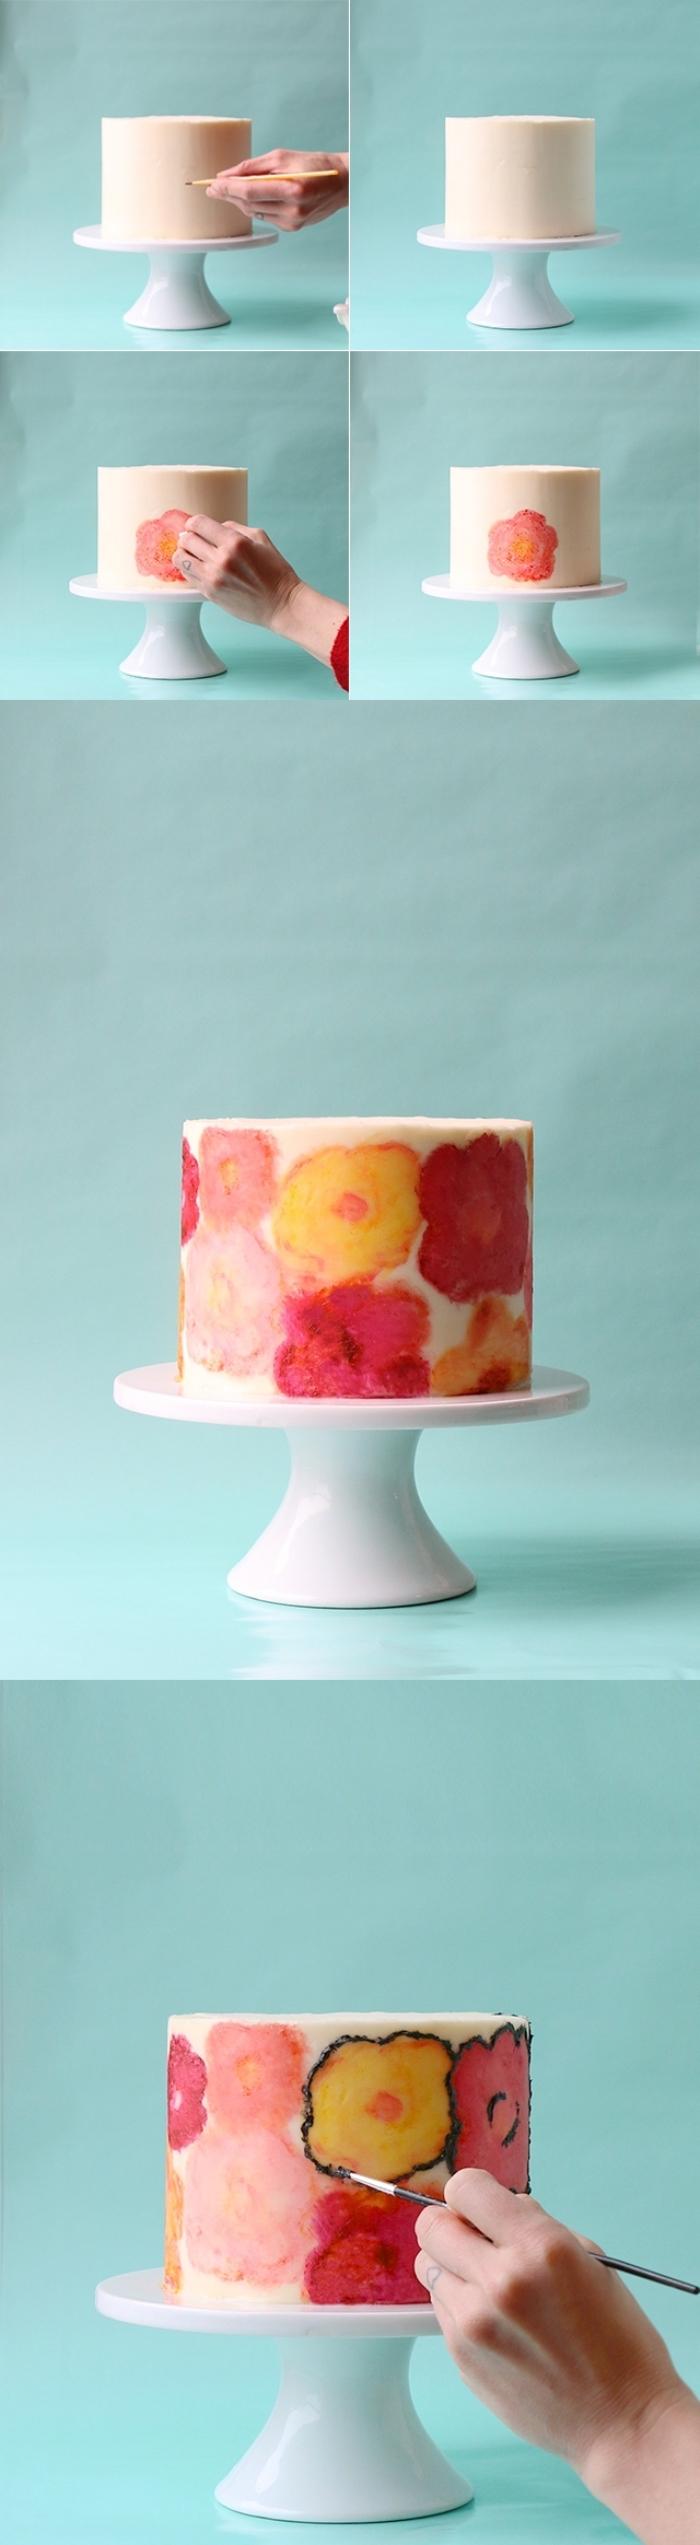 gateau anniversaire dessin coquelicot réalisé avec des colorants alimentaires en gel sur une base de glaçage lisse de crème beurre à l'américaine